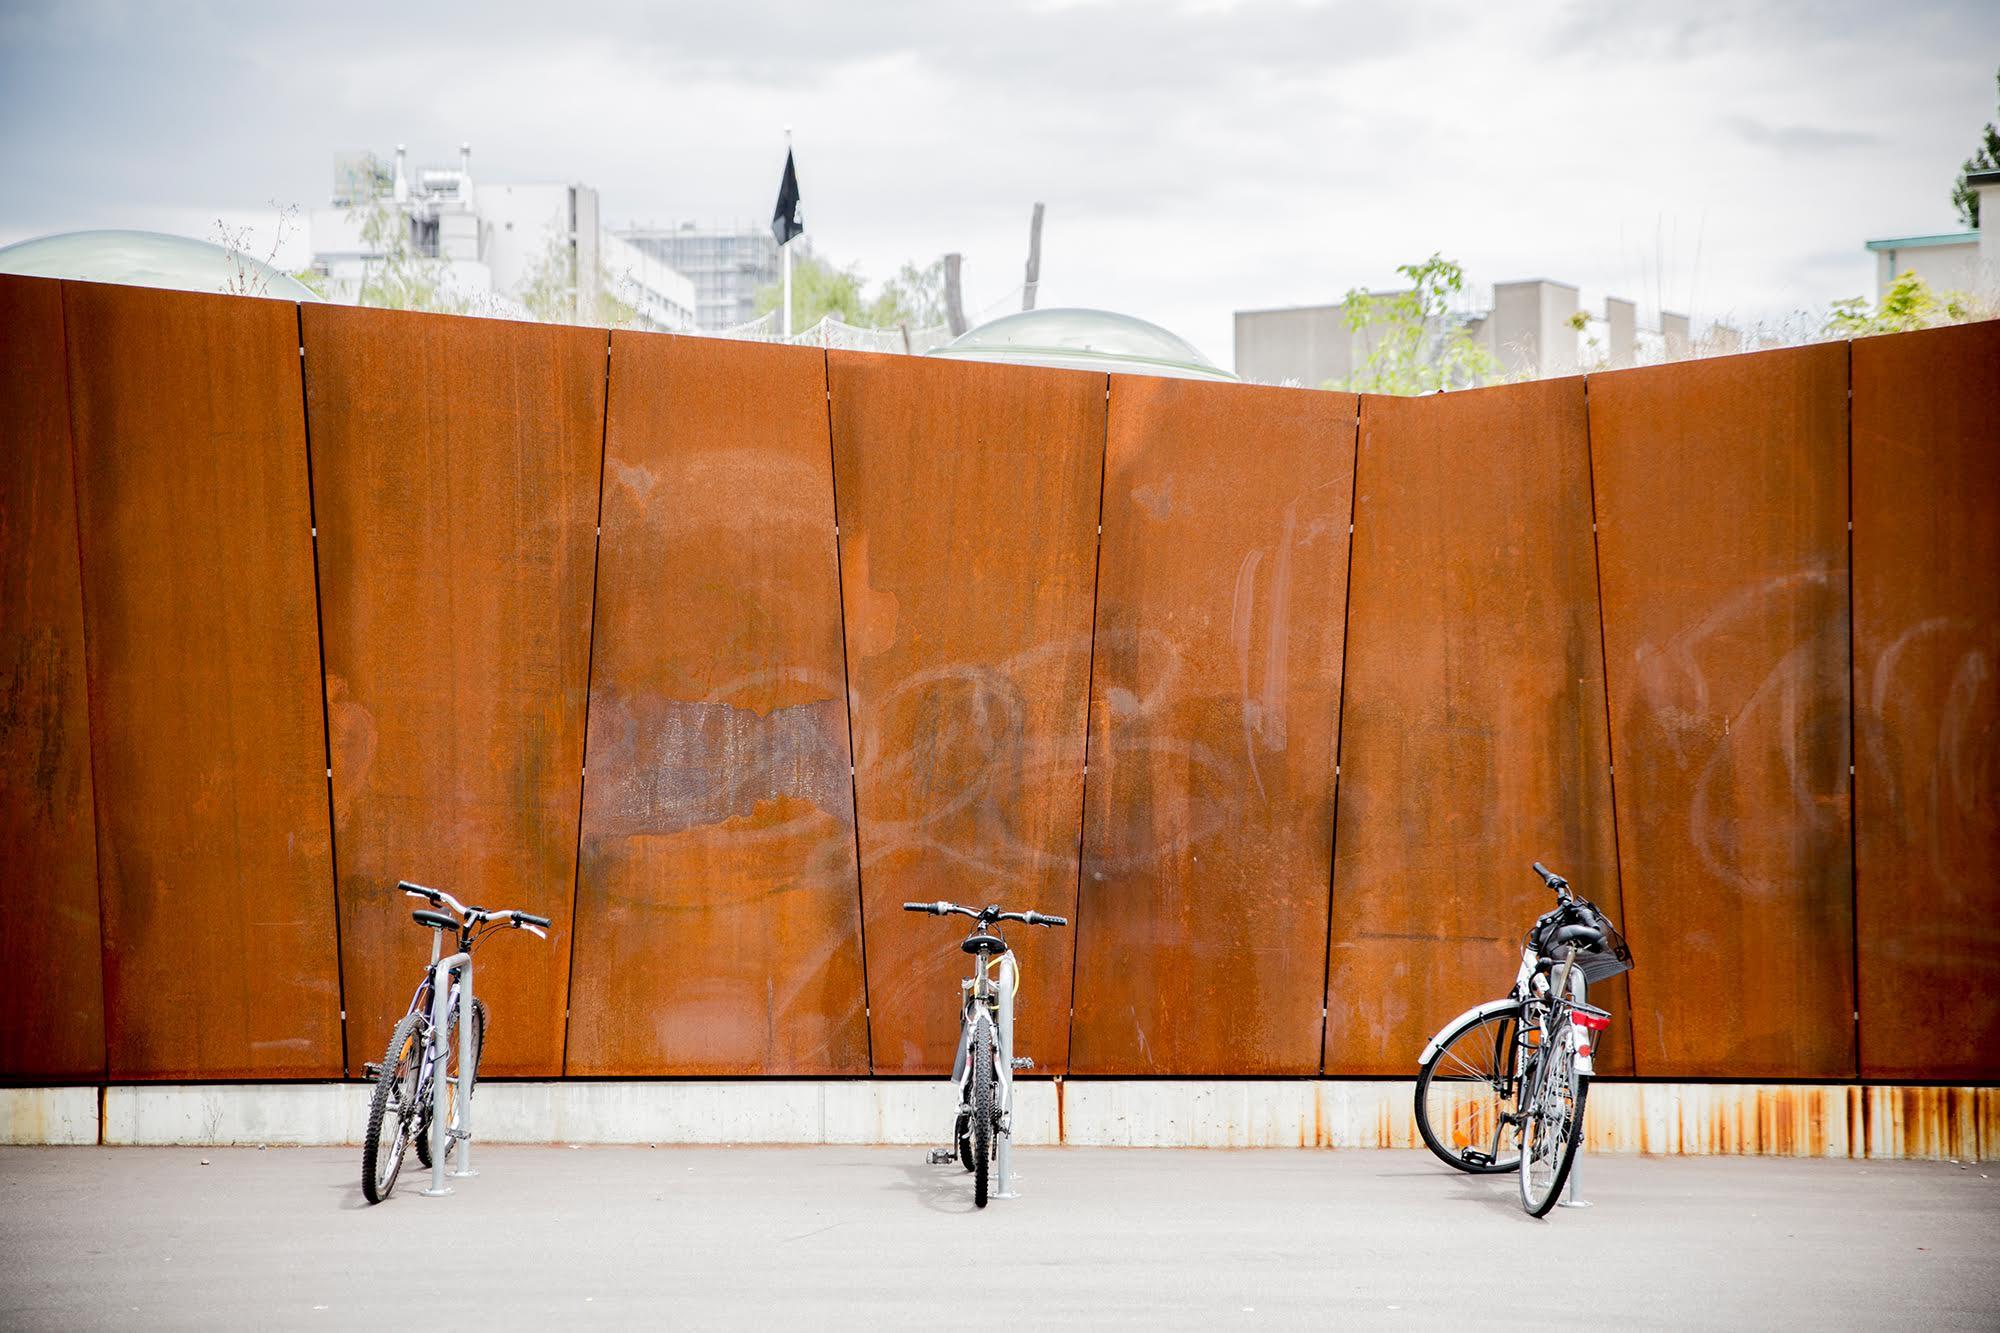 «Die Grenze zwischen Quartier und Campus, die zwar keine Mauer ist, wirkt – trotz der wohlwollenden Gestaltung – als Grenze und signalisiert die Trennung von öffentlichem und privatem Raum» (Gabi Hangartner).